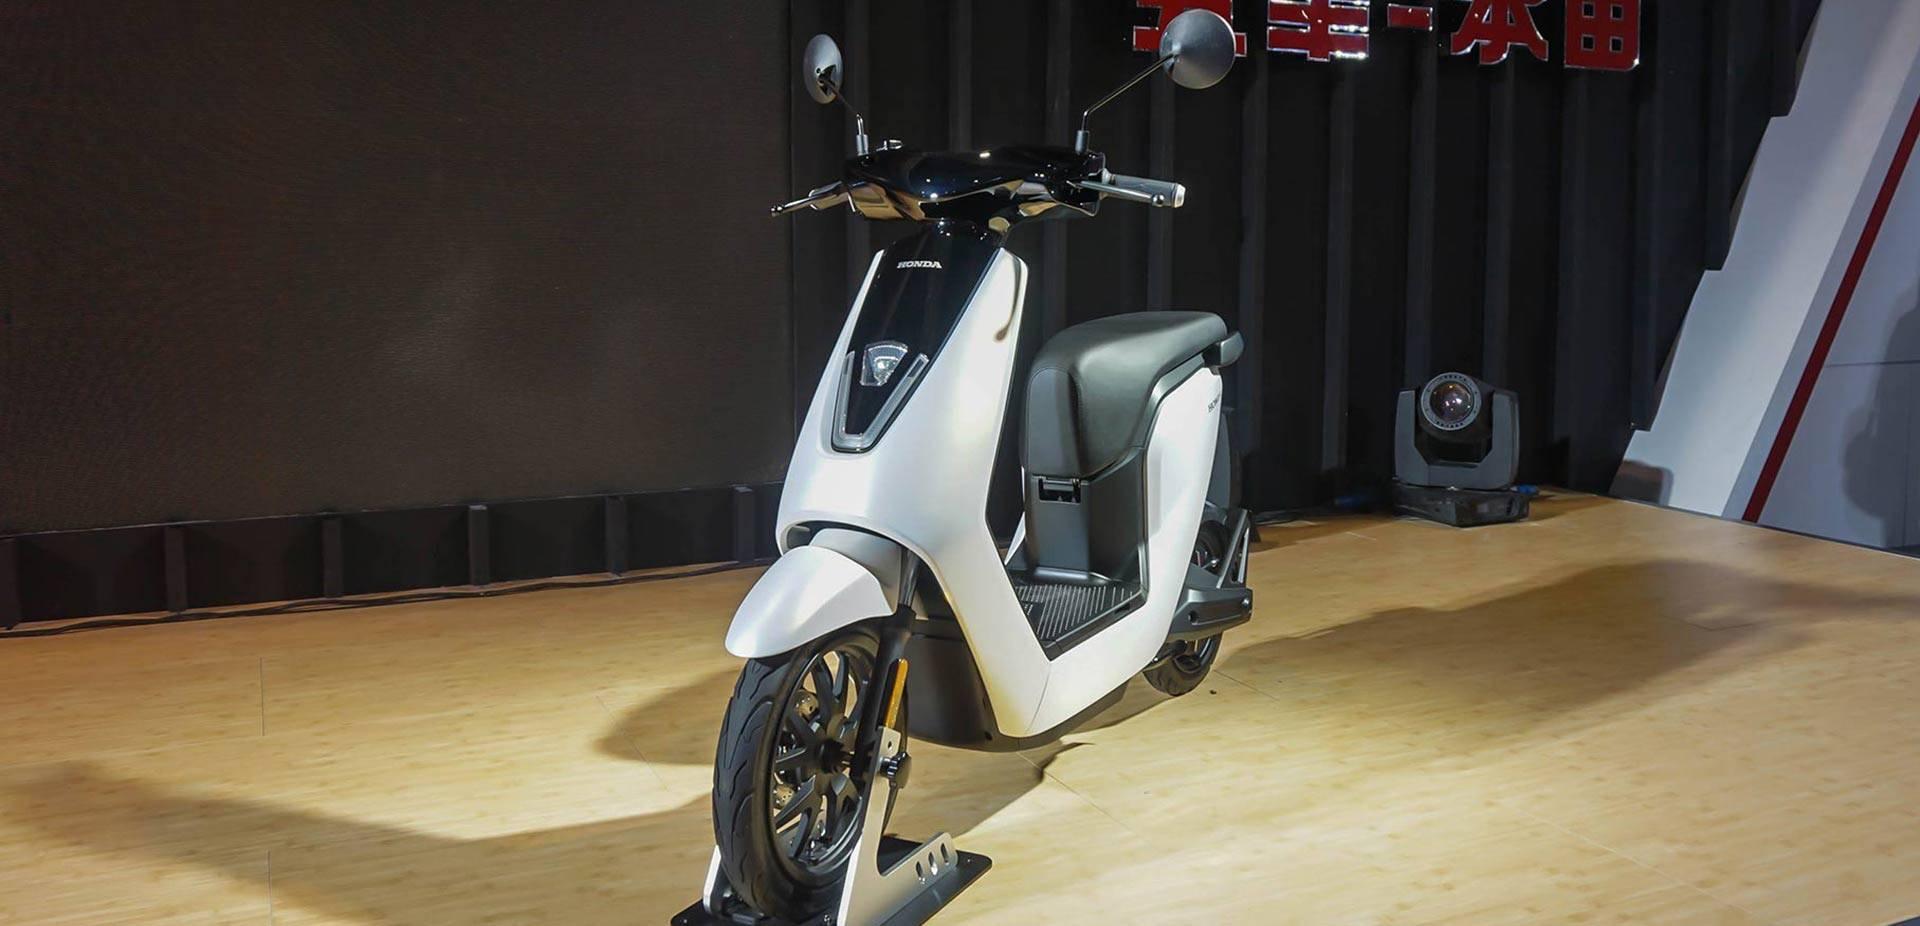 2018 上海国际摩展 本田发布新款电动车图片